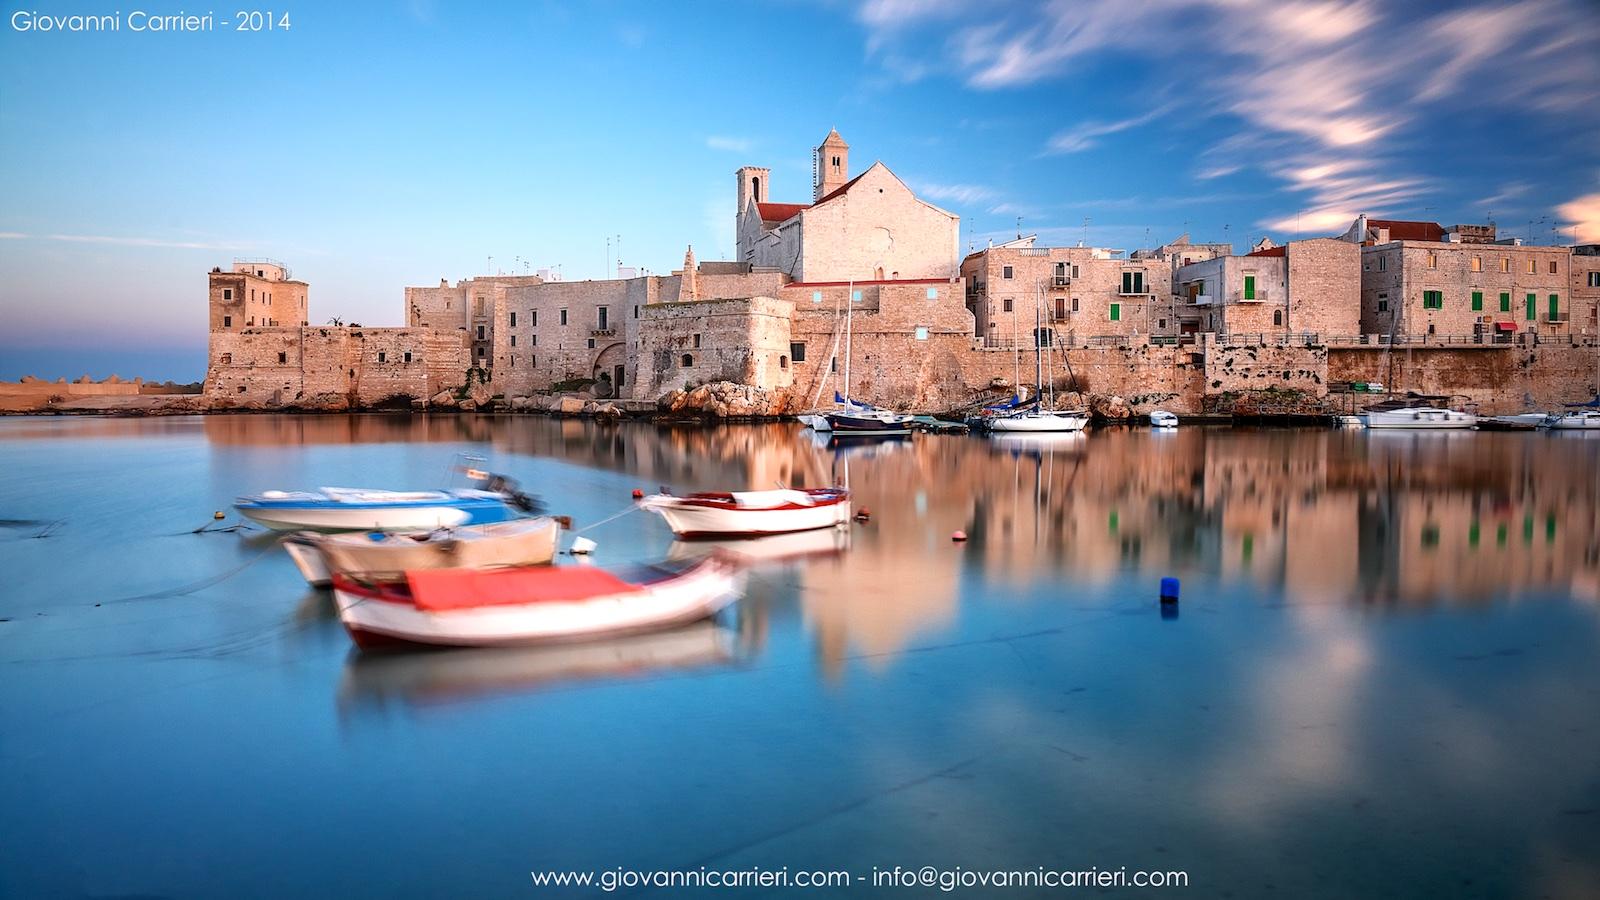 Il porto di Giovinazzo in un tramonto invernale - Puglia